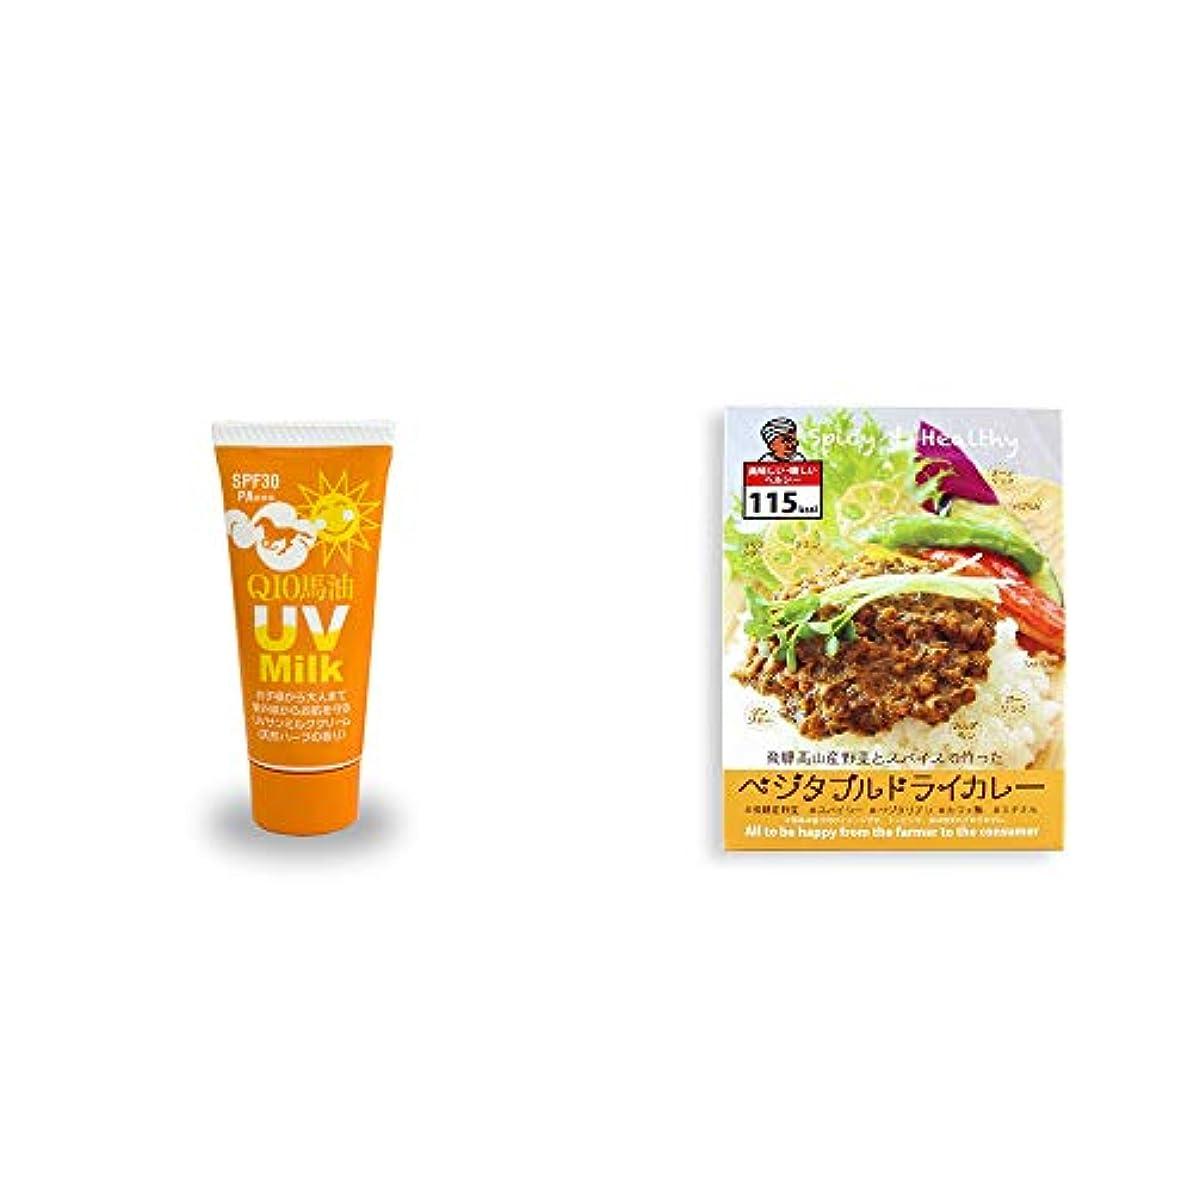 [2点セット] 炭黒泉 Q10馬油 UVサンミルク[天然ハーブ](40g)?飛騨産野菜とスパイスで作ったベジタブルドライカレー(100g)